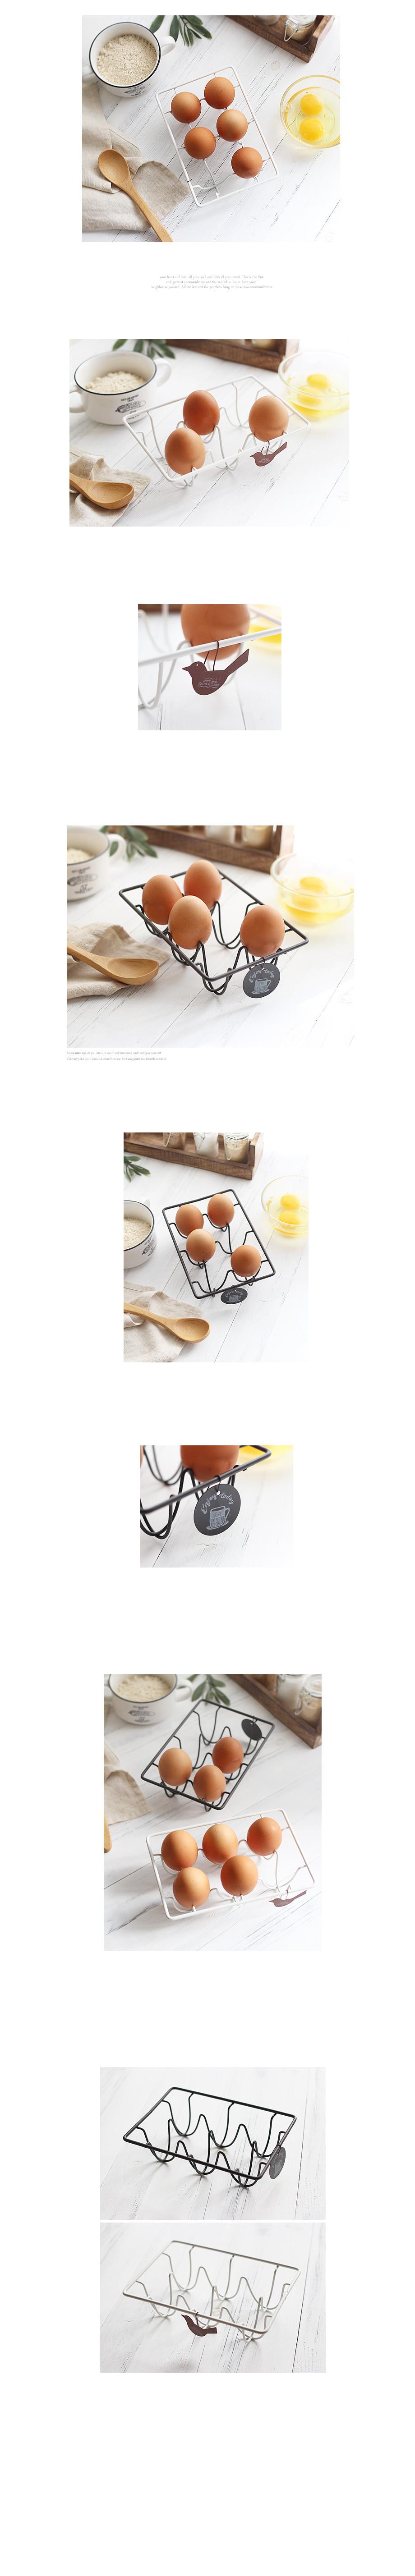 철제 에그랙 (2color) - 체리하우스, 5,400원, 주방소품, 쟁반/트레이